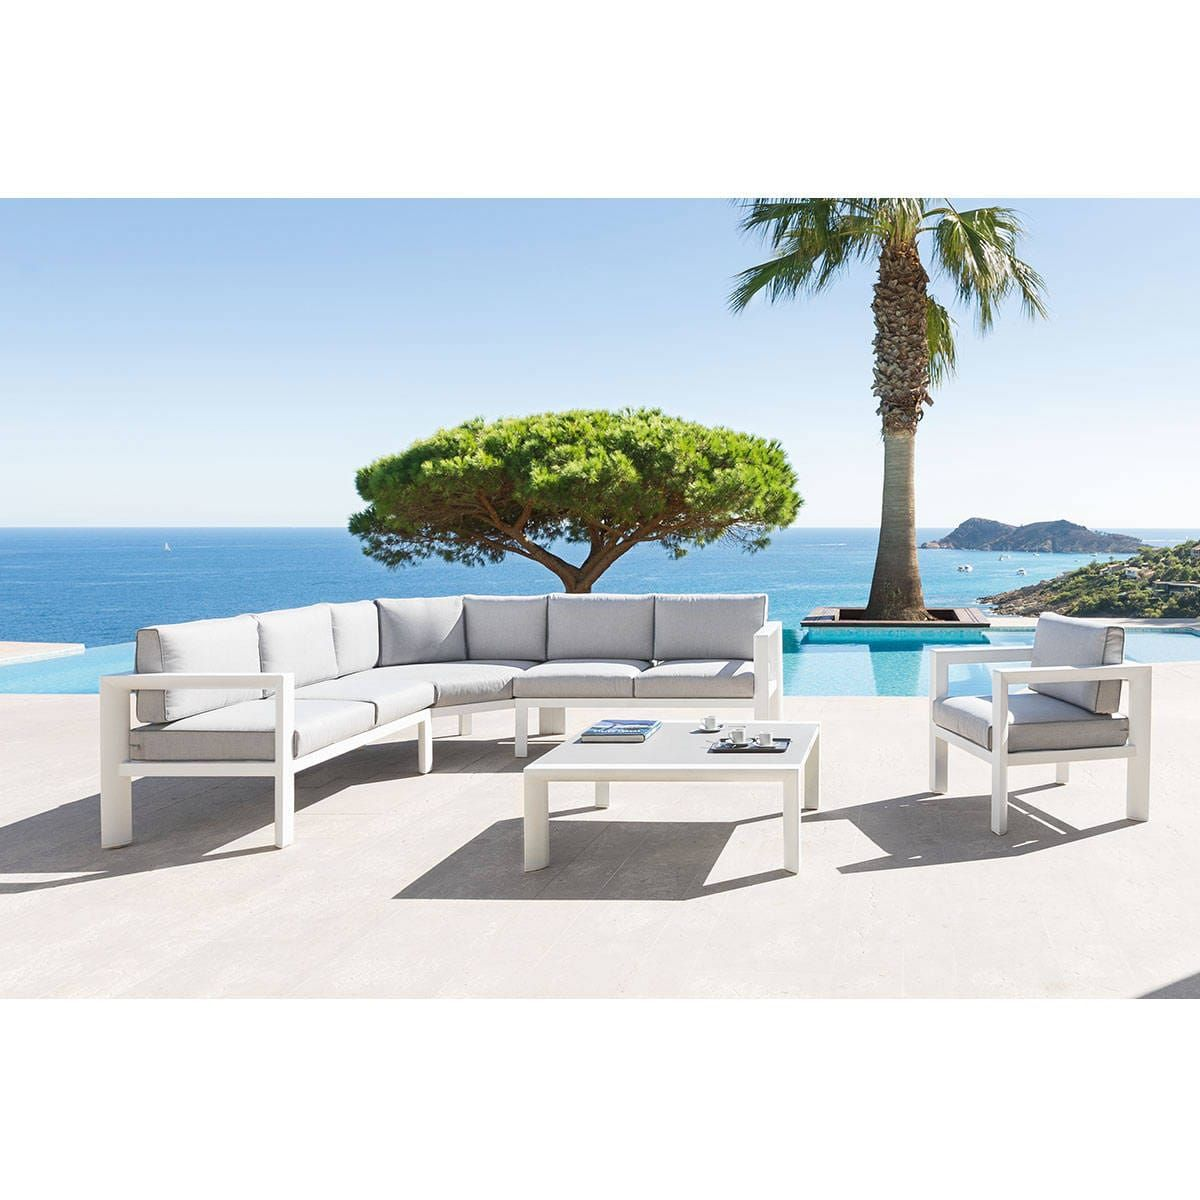 Salon d\'angle de jardin Titanium Perle & Blanc 6 places ...